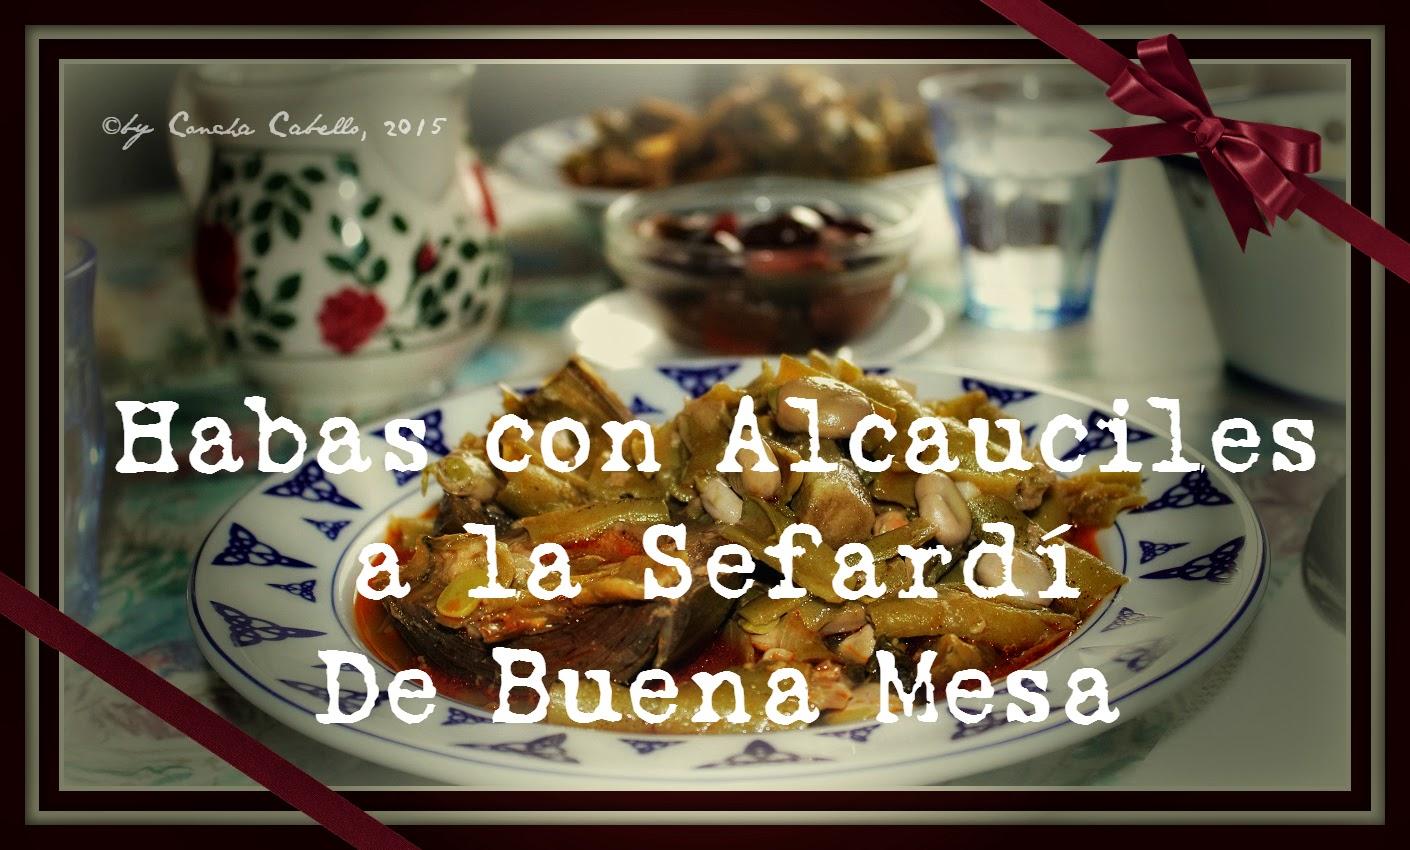 Cocina Sefardi | Habas Con Alcauciles A La Sefardi